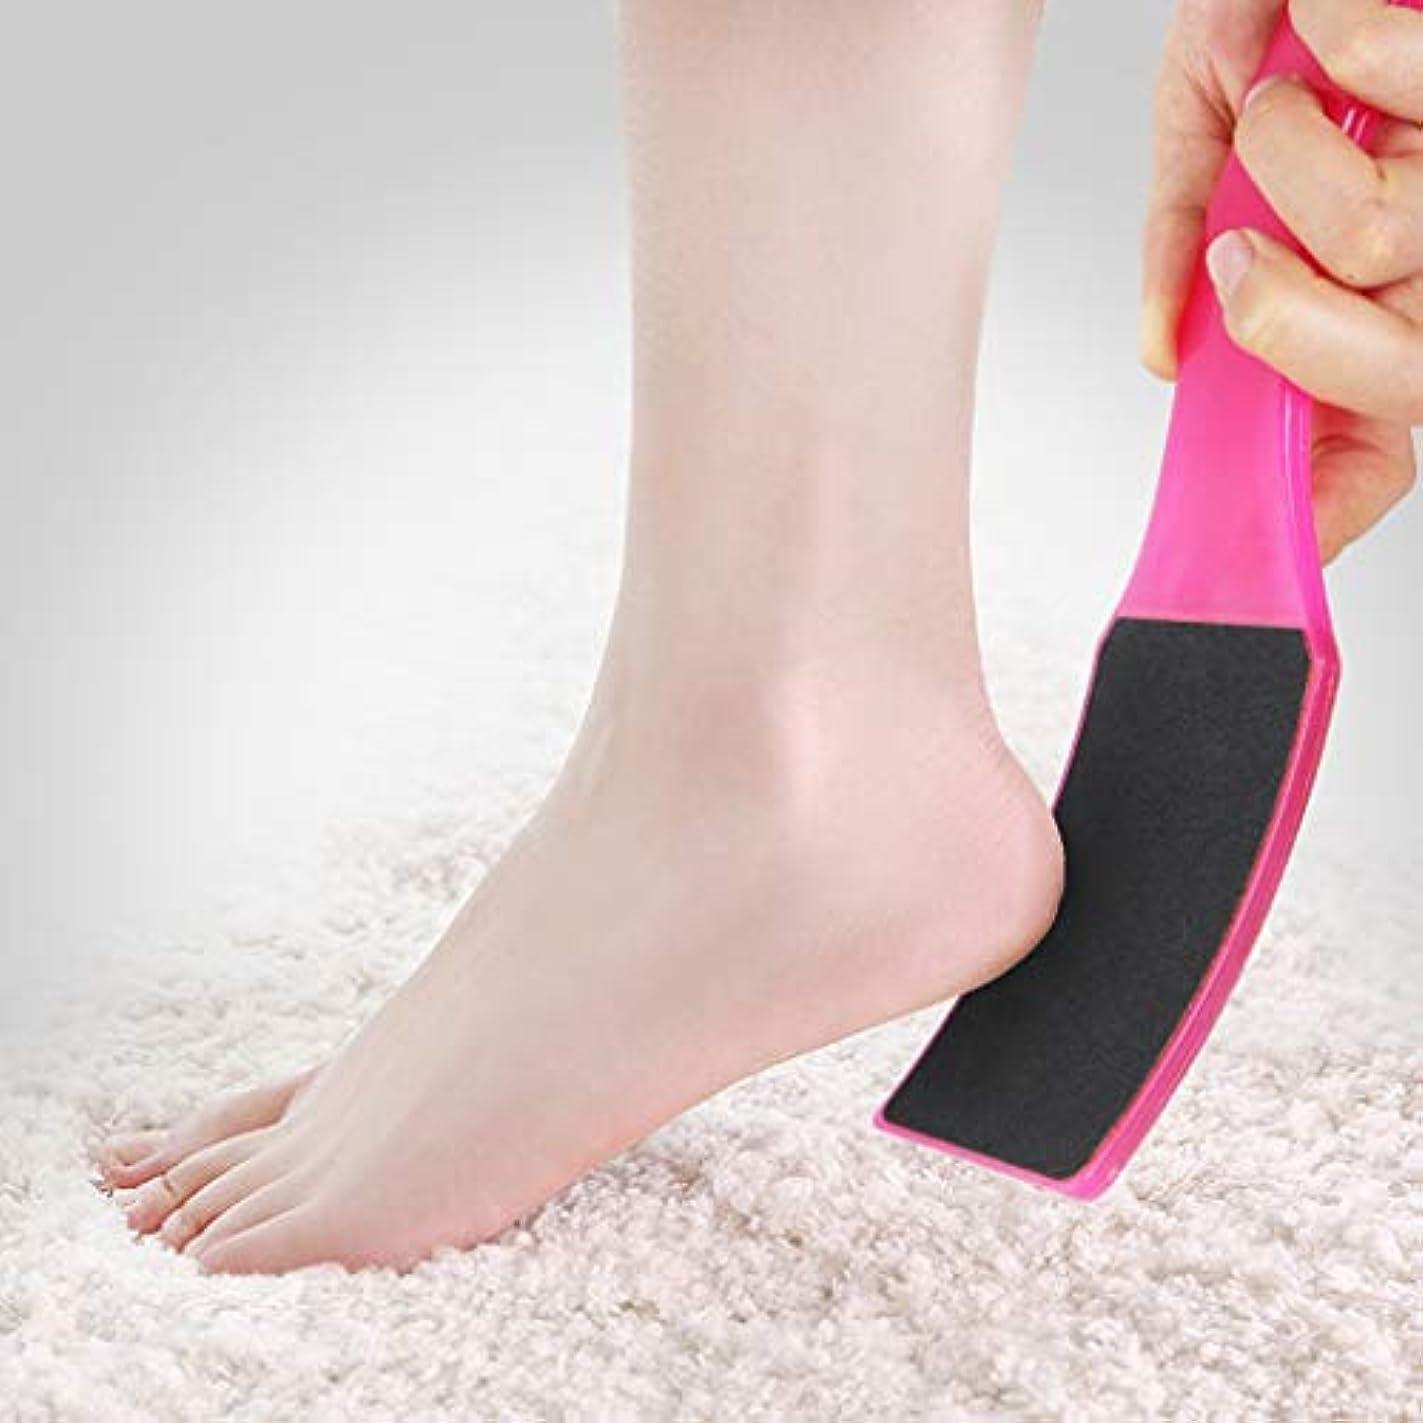 傾向があります解明本を読むフットツール、デッドスキン、両面ラフ摩擦に加えて、肌をきれいに、家庭用、男女兼用にハングアップすることができます。,Pink